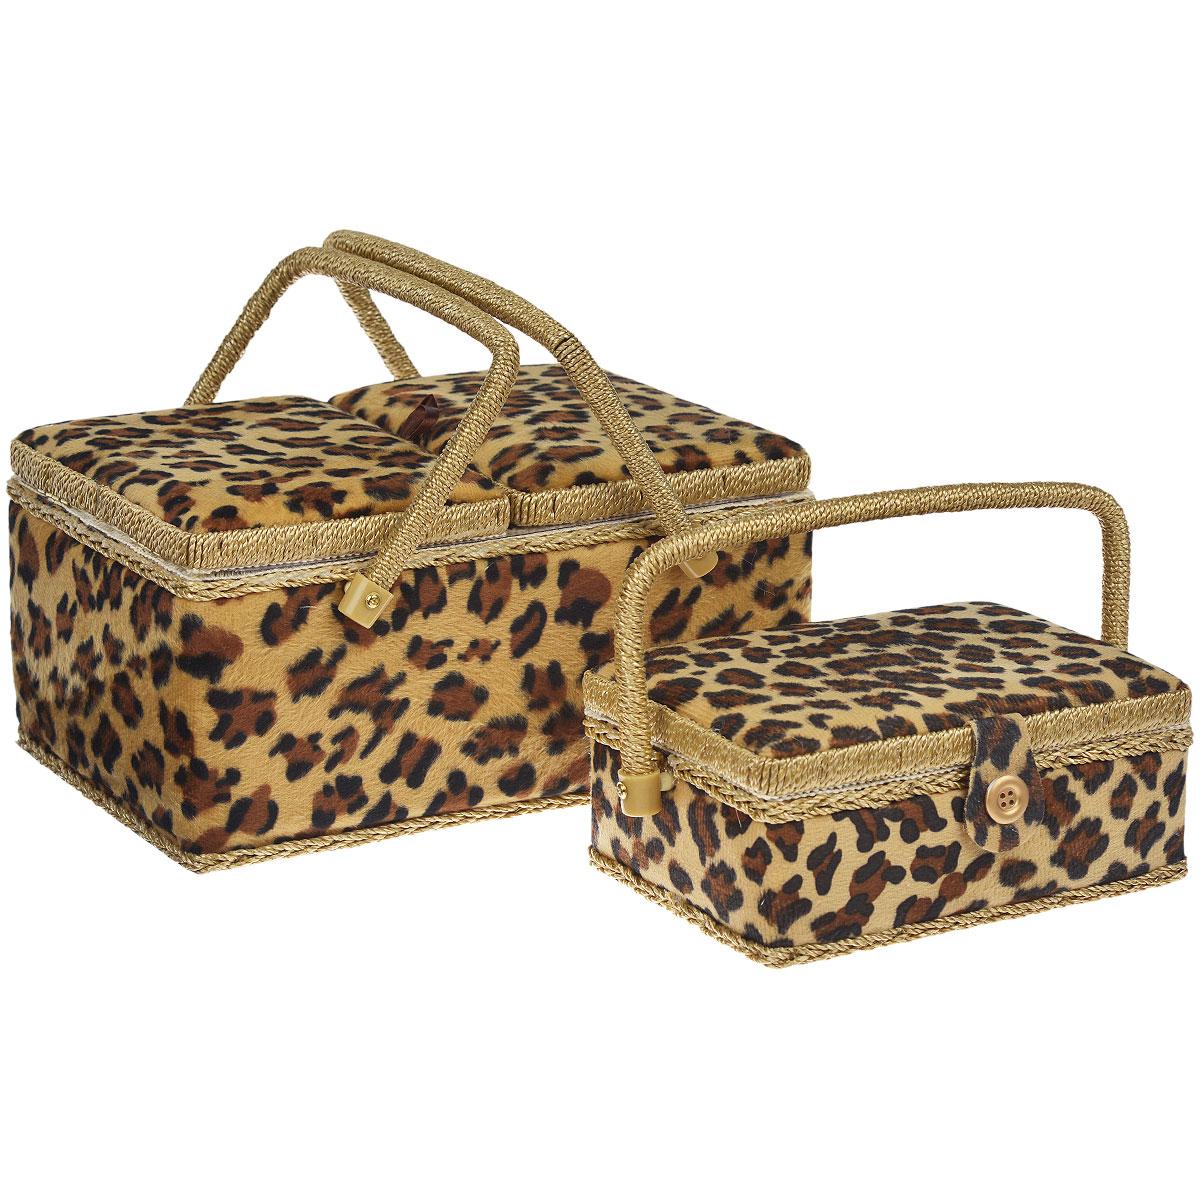 """Шкатулка для рукоделия """"Леопард"""" + Вторая шкатулка в подарок"""